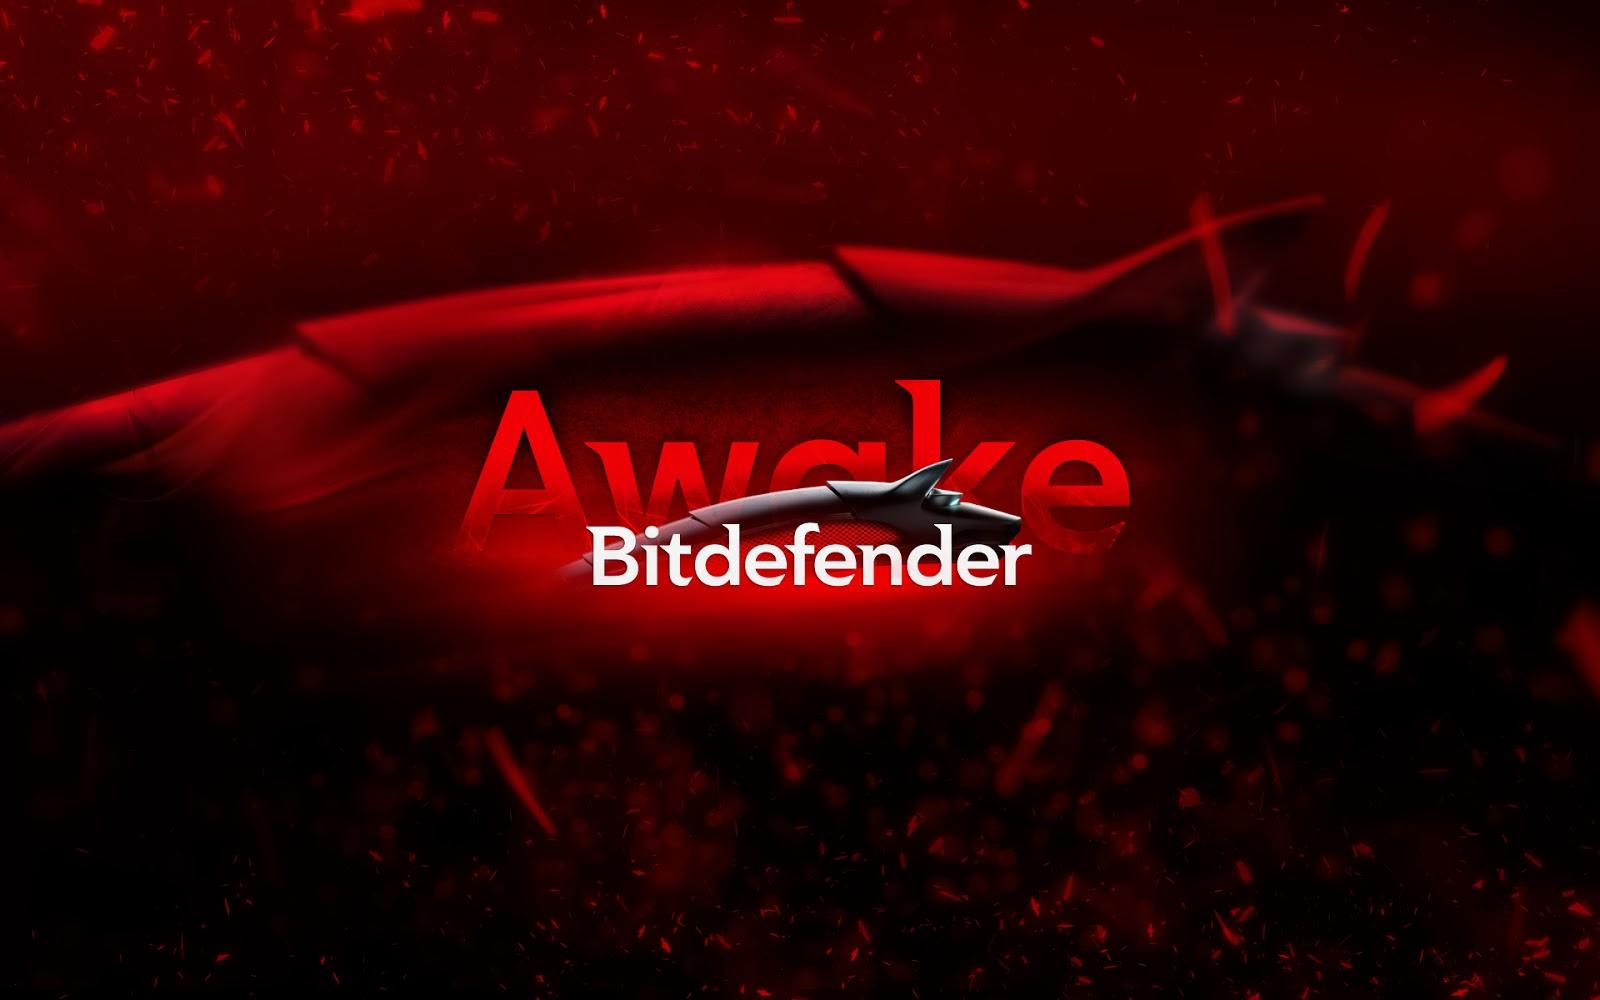 awake bitdefender 2013